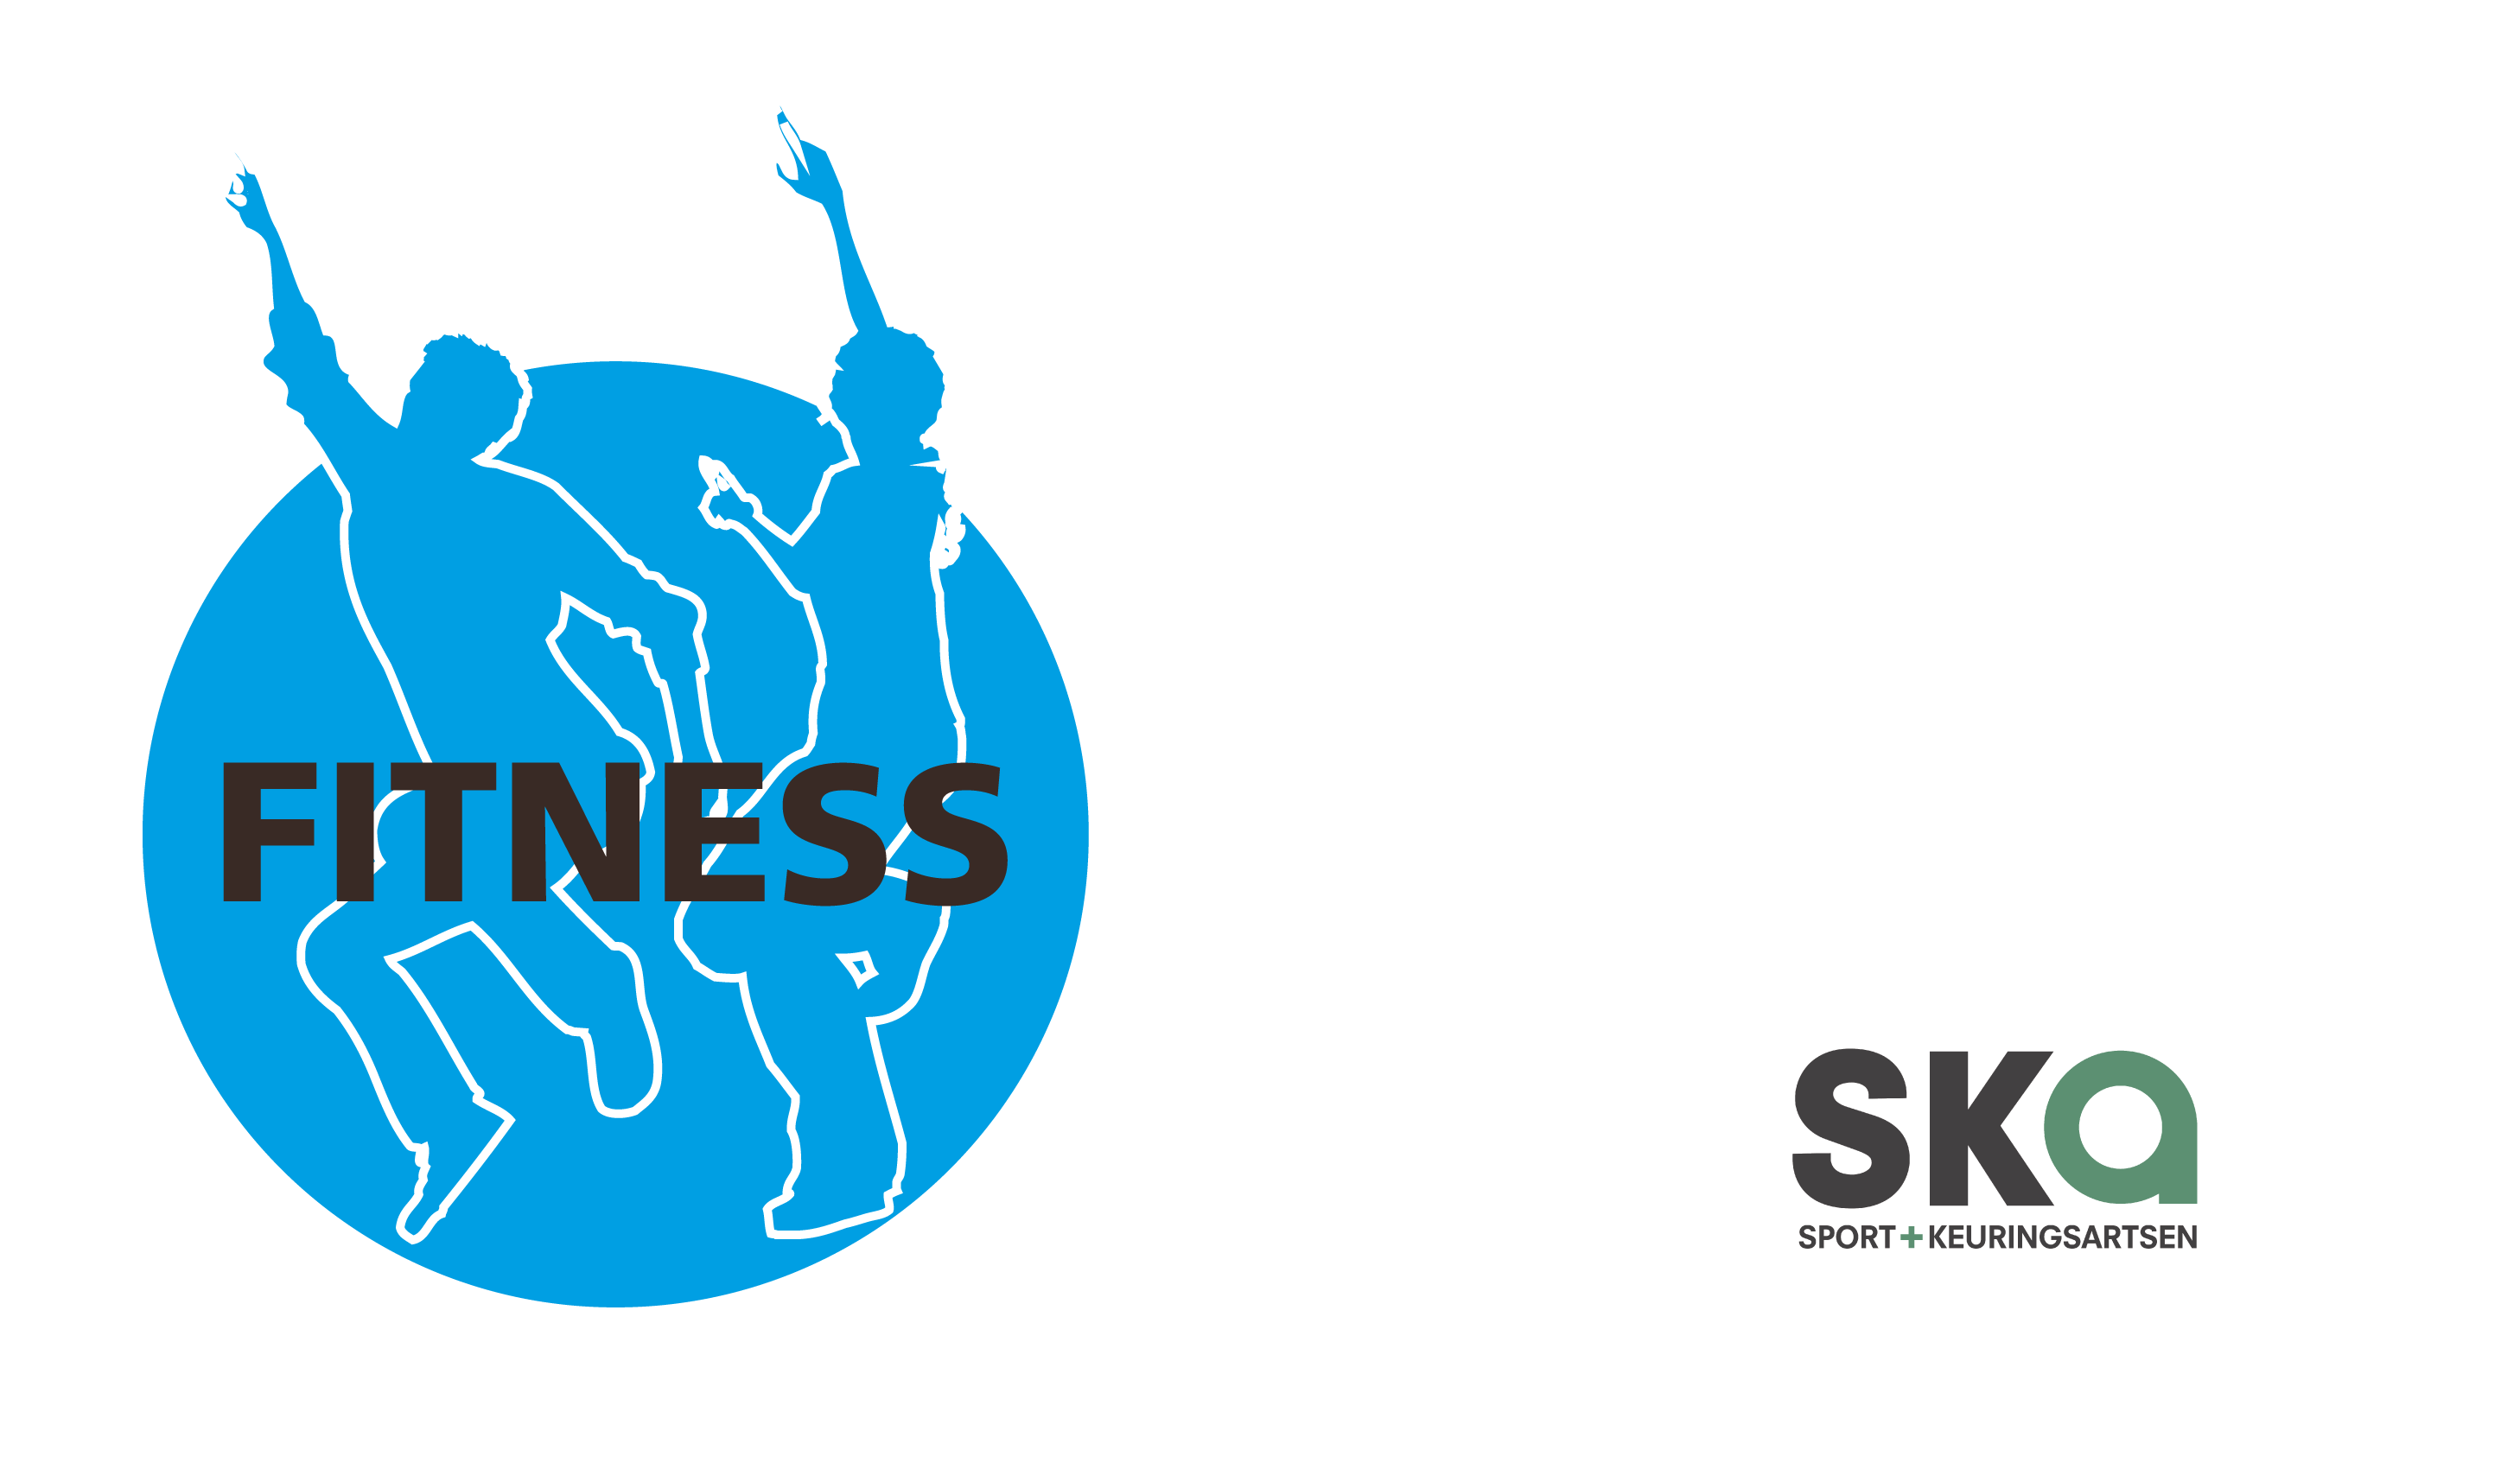 Professional - Fitness als Medicijn